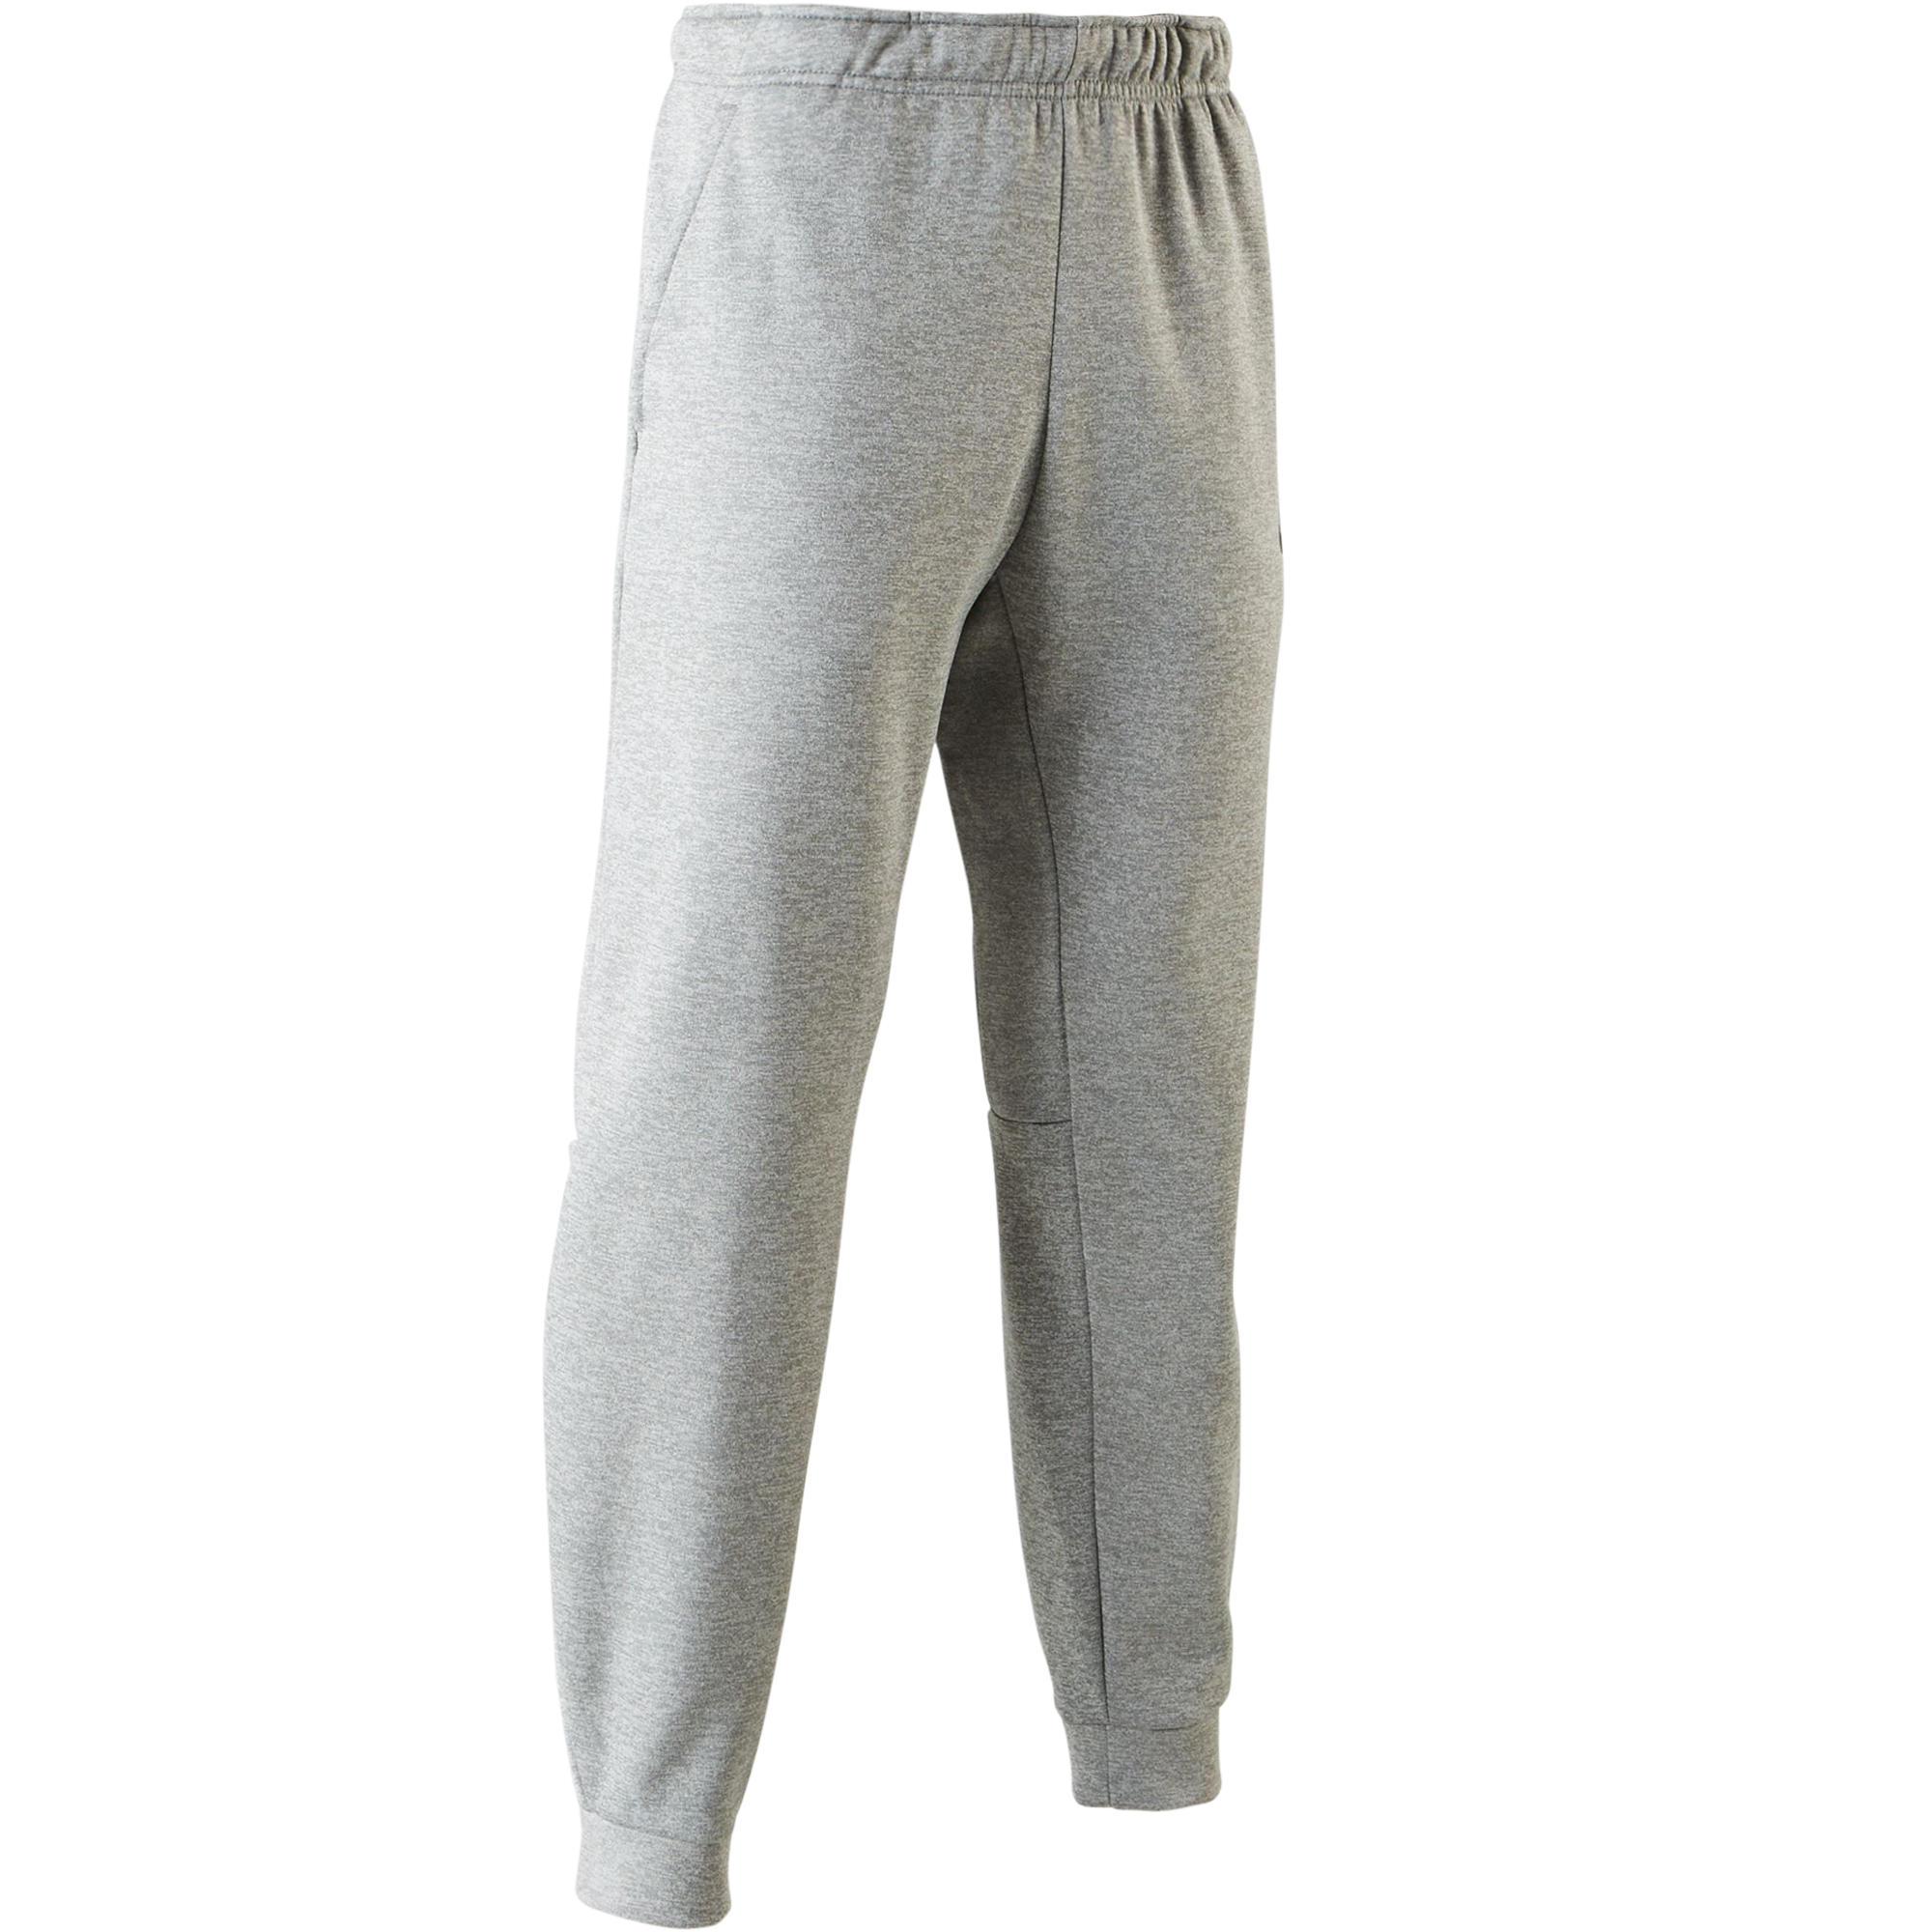 pantalon gym pilates homme gris nike